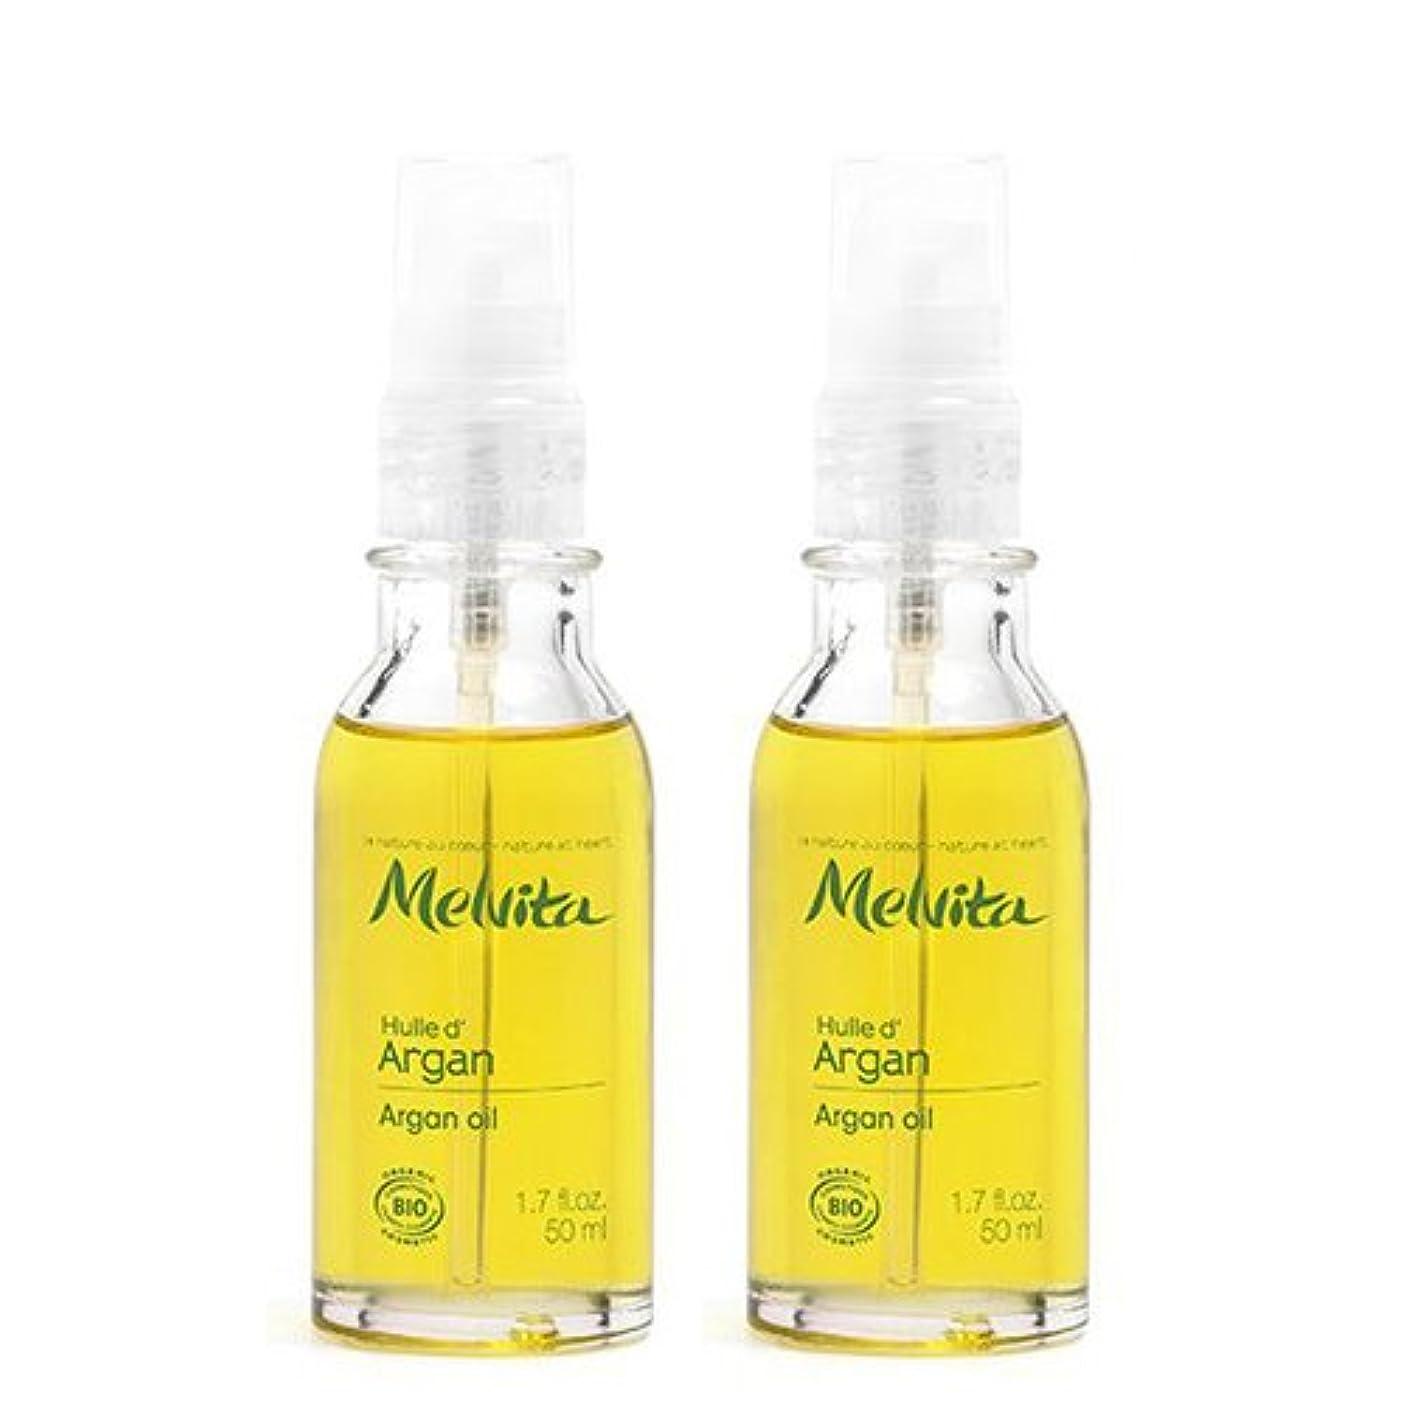 吐き出す阻害する直面するメルヴィータ(Melvita) 2個セット ビオオイル アルガン オイル 50ml [並行輸入品]